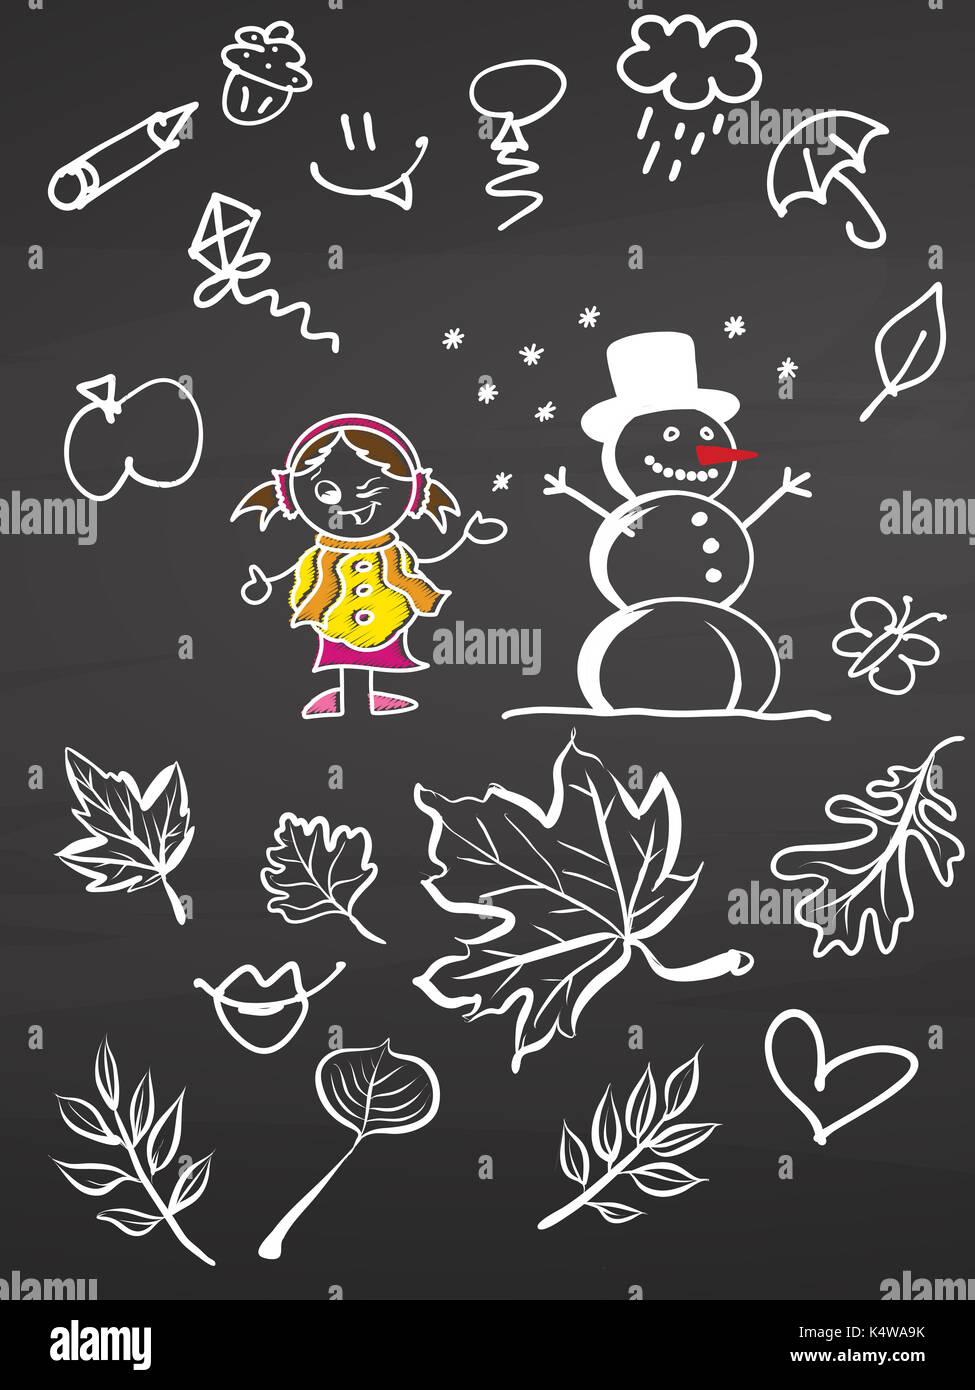 Bambina e pupazzo di neve con scarabocchi sulla lavagna, vettore handdrawn sketch, pulire delinea, in stile vintage Blackboard. Immagini Stock